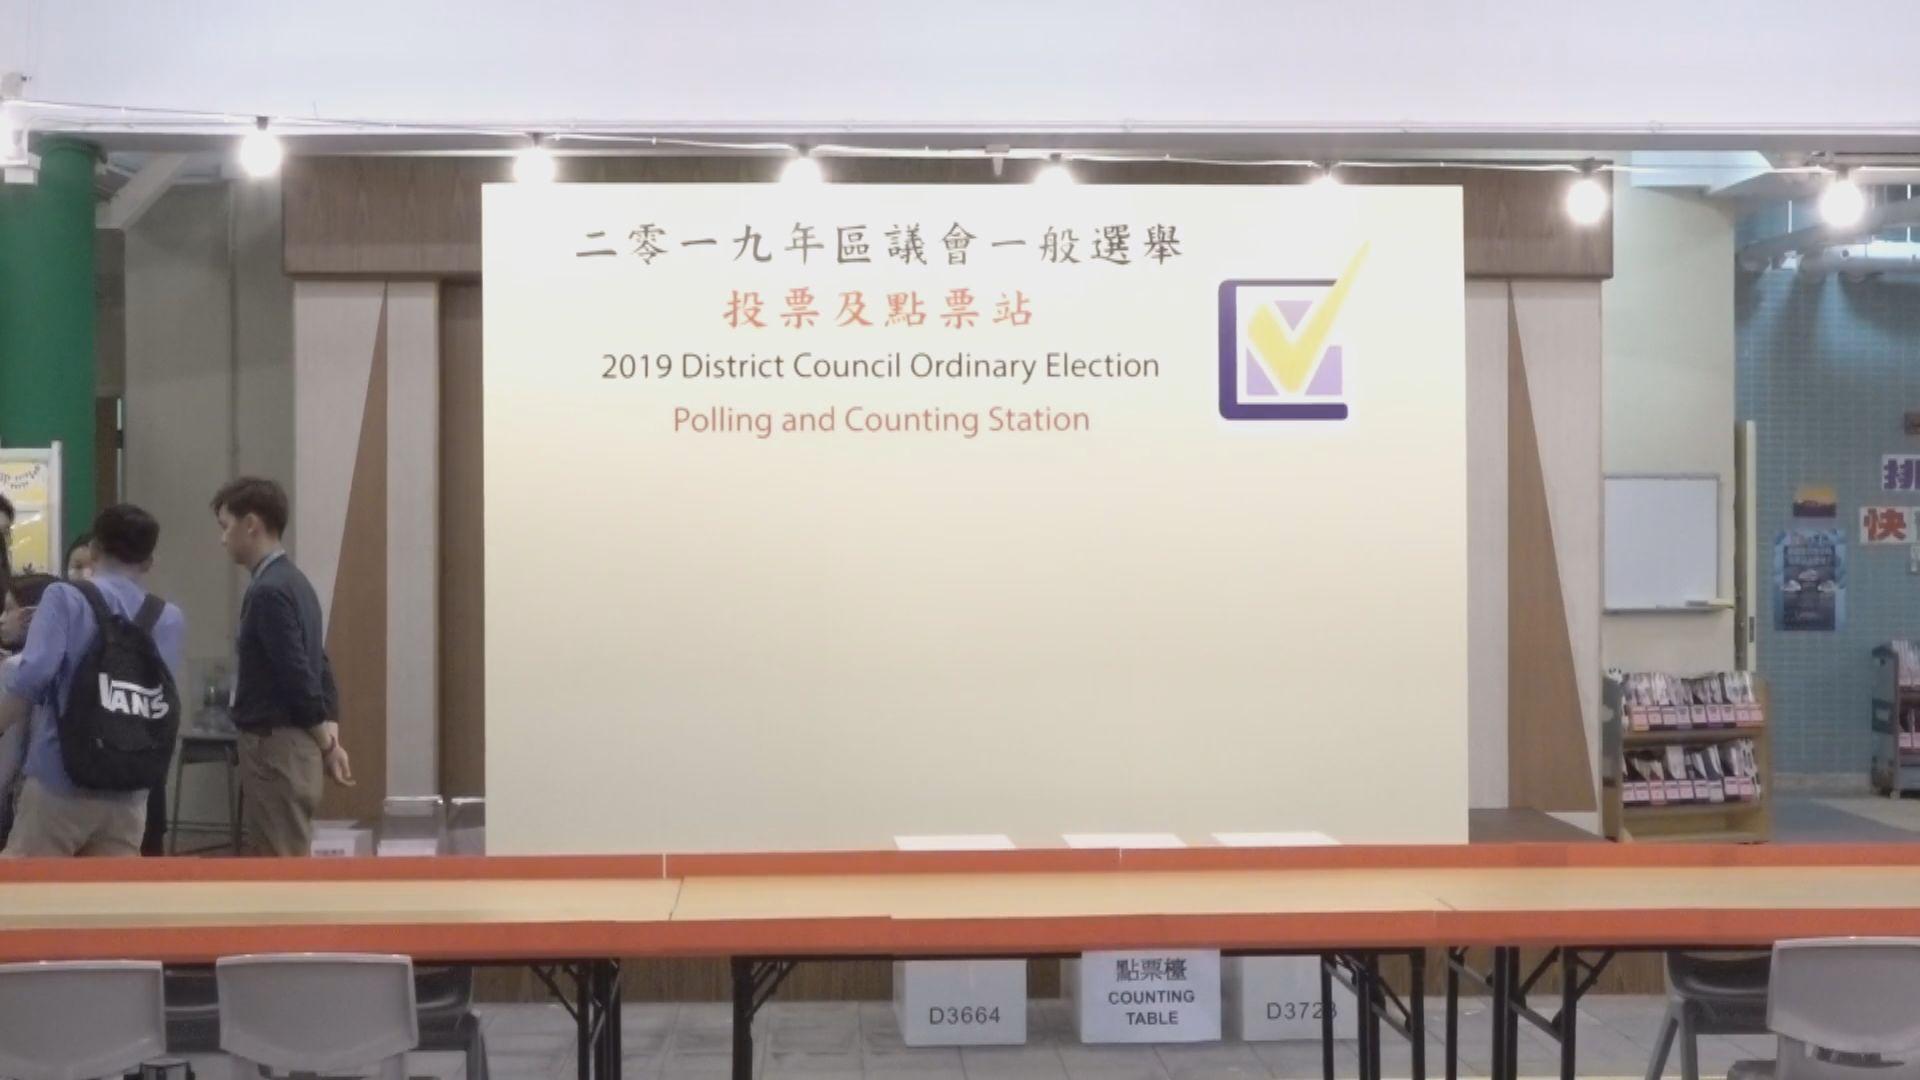 【不斷更新】焦點選區當選名單 (1000)